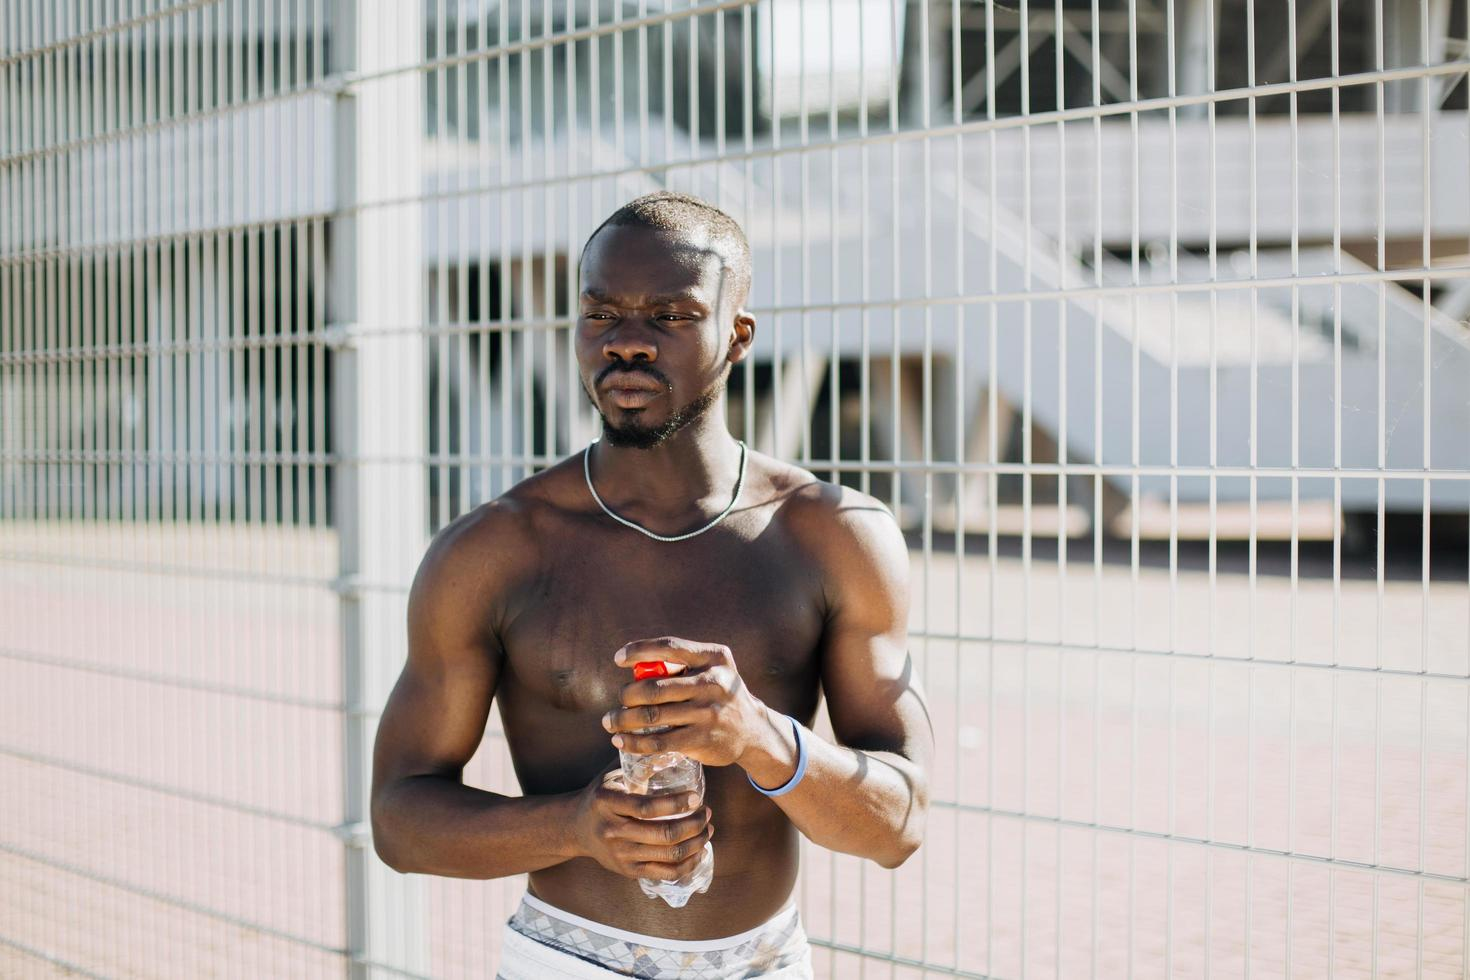 bel homme afro-américain tenant une bouteille d'eau photo